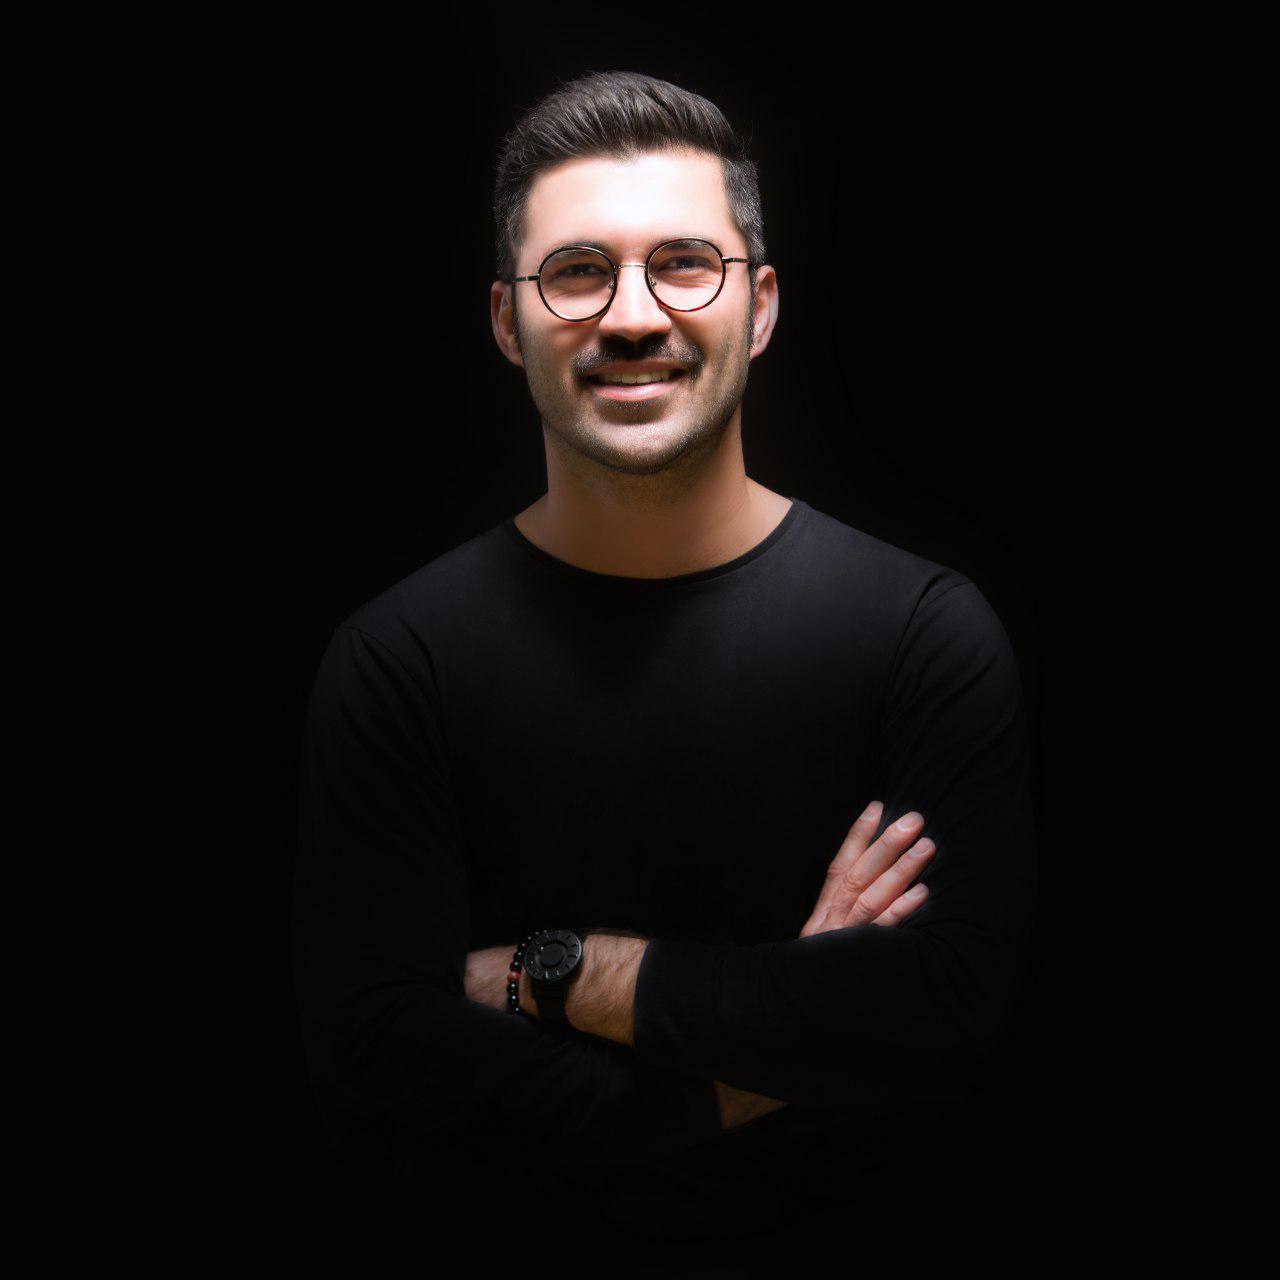 seyed-mohammad-mortazavi